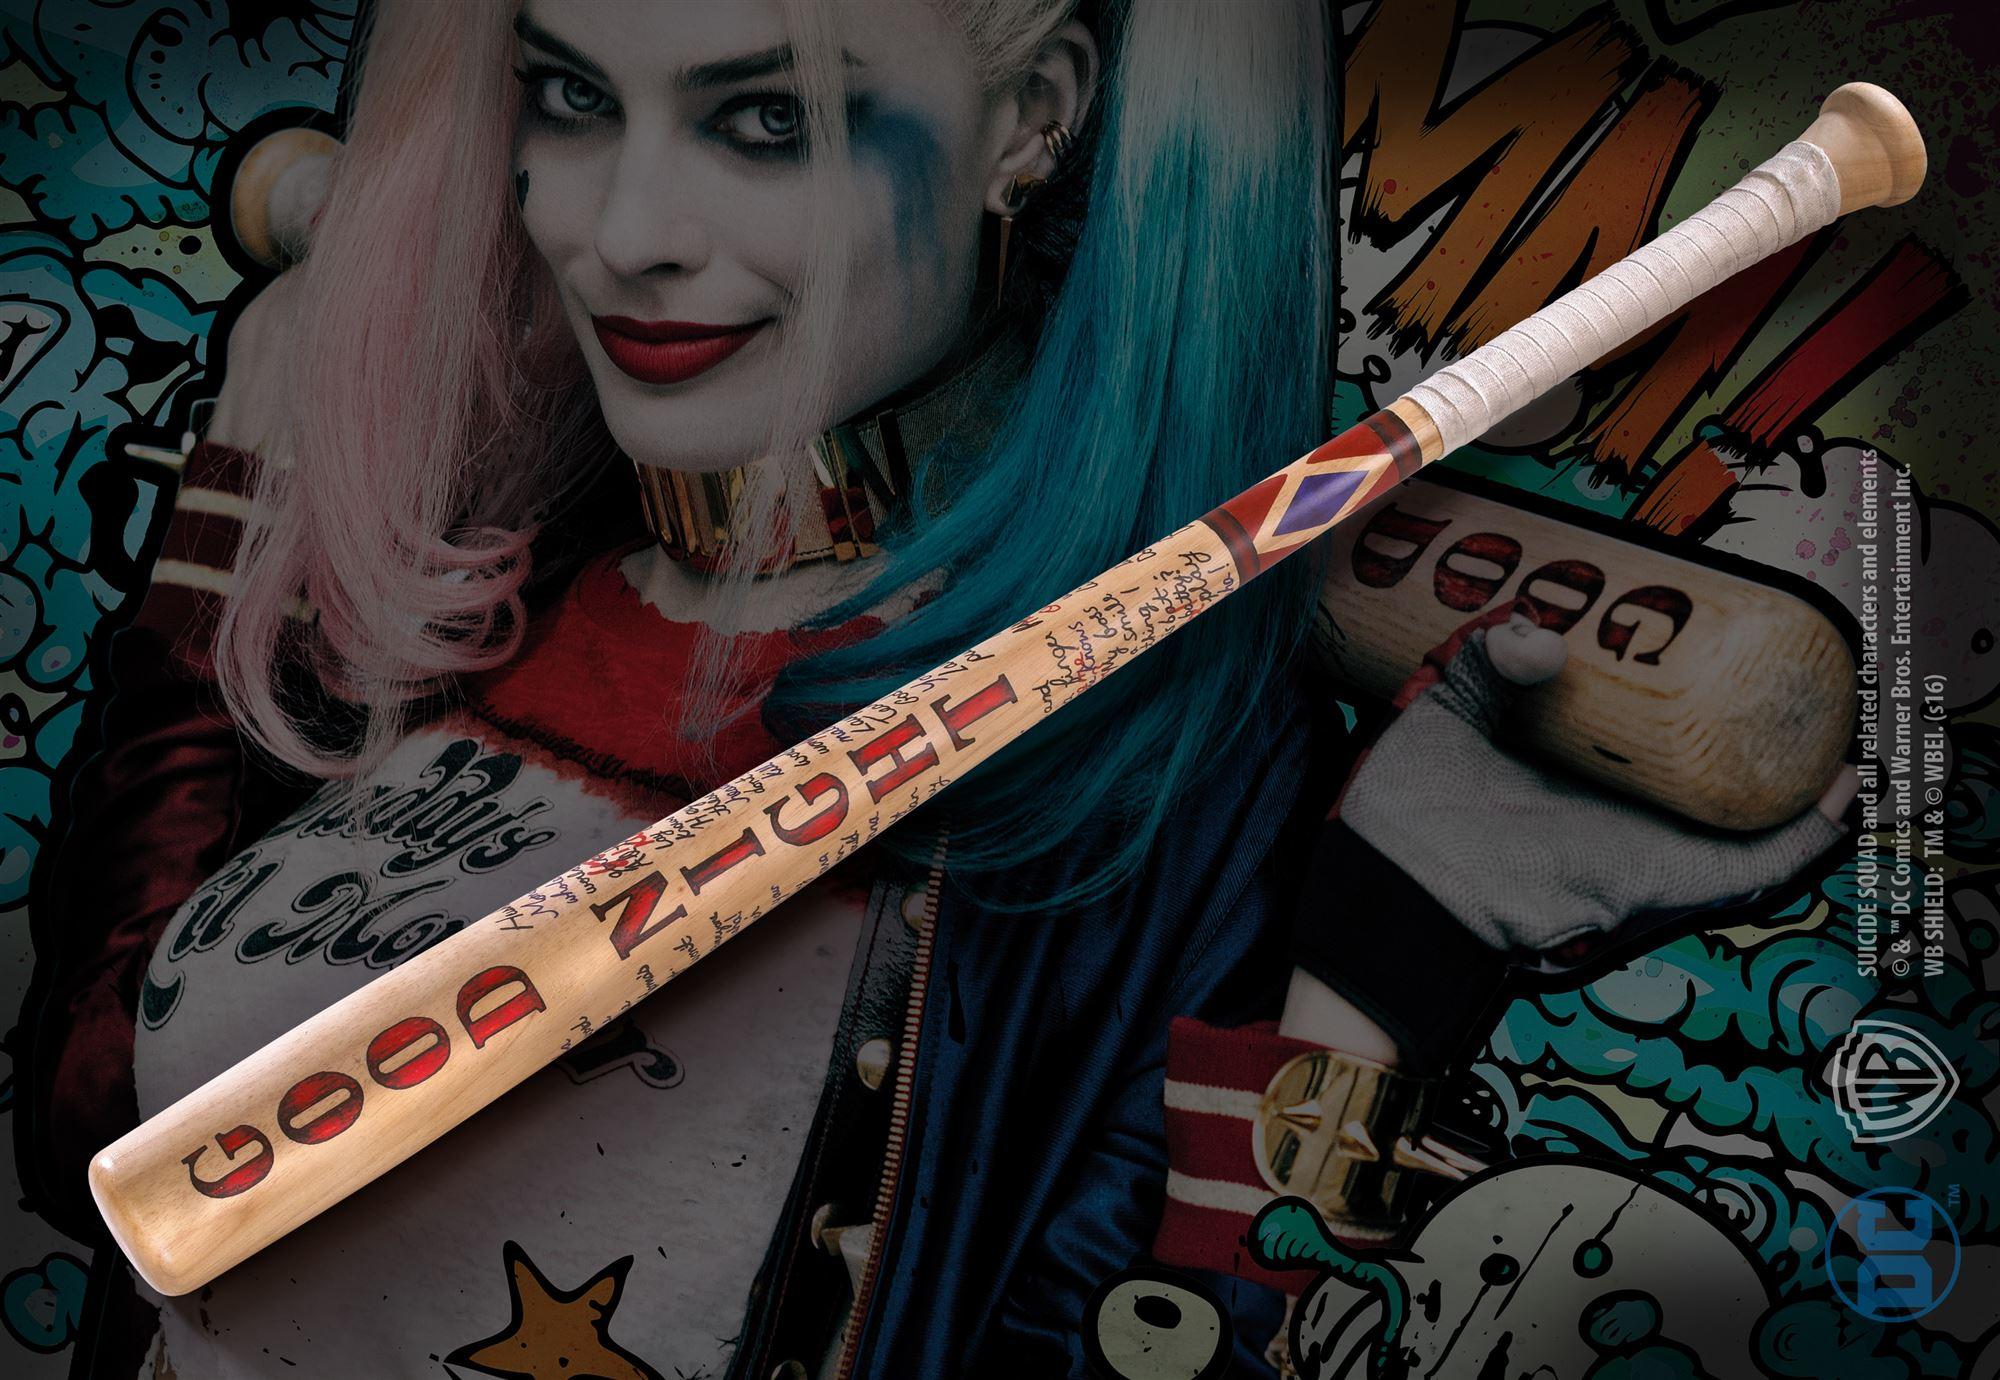 小丑女+棒球棍